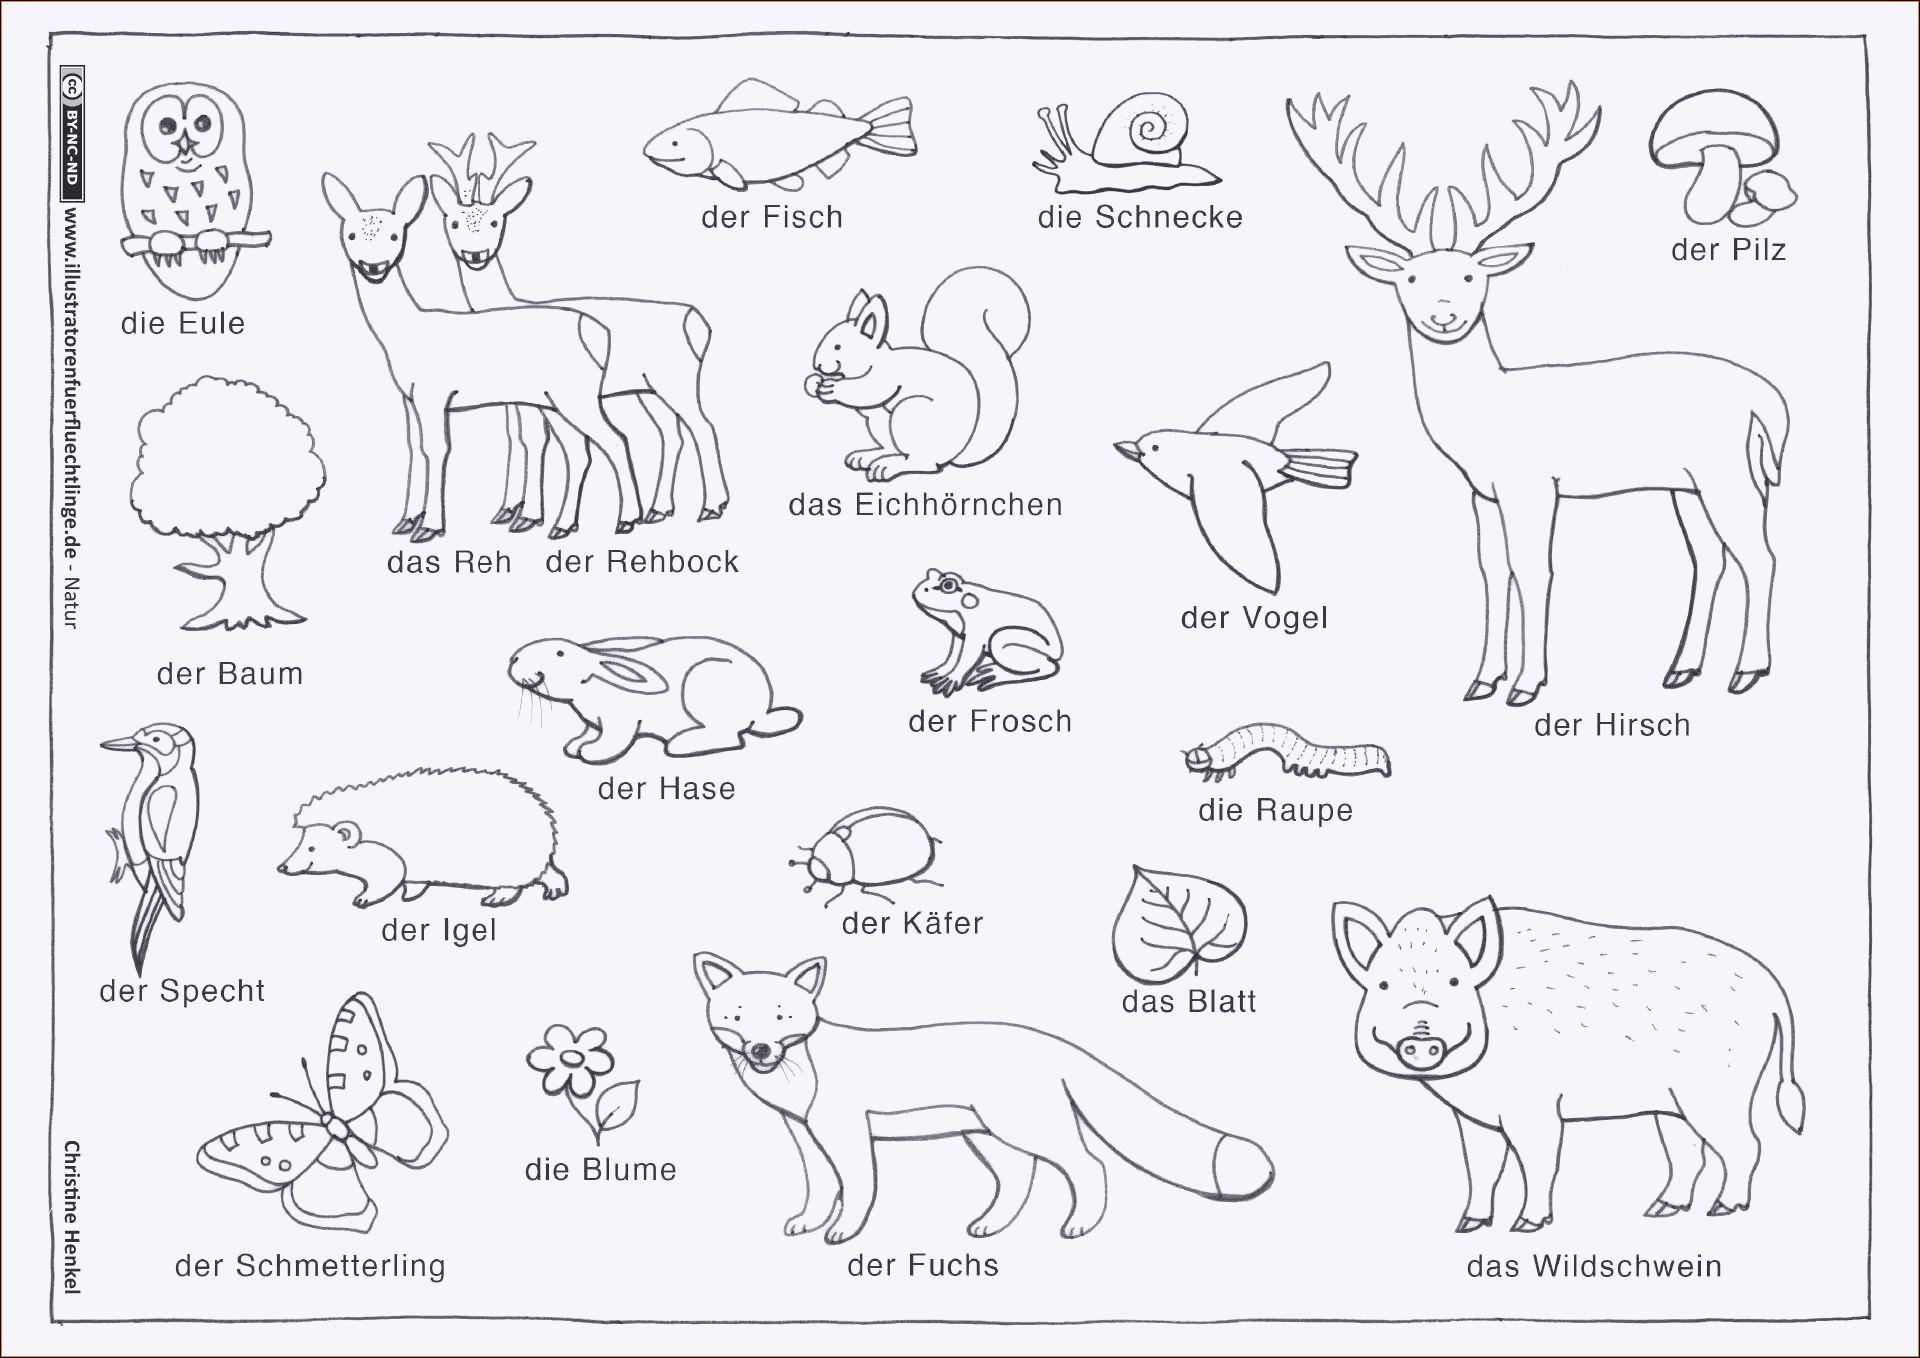 Ausmalbilder Herbst Eichhörnchen Neu Malvorlagen Herbst Eichhornchen Sammlung